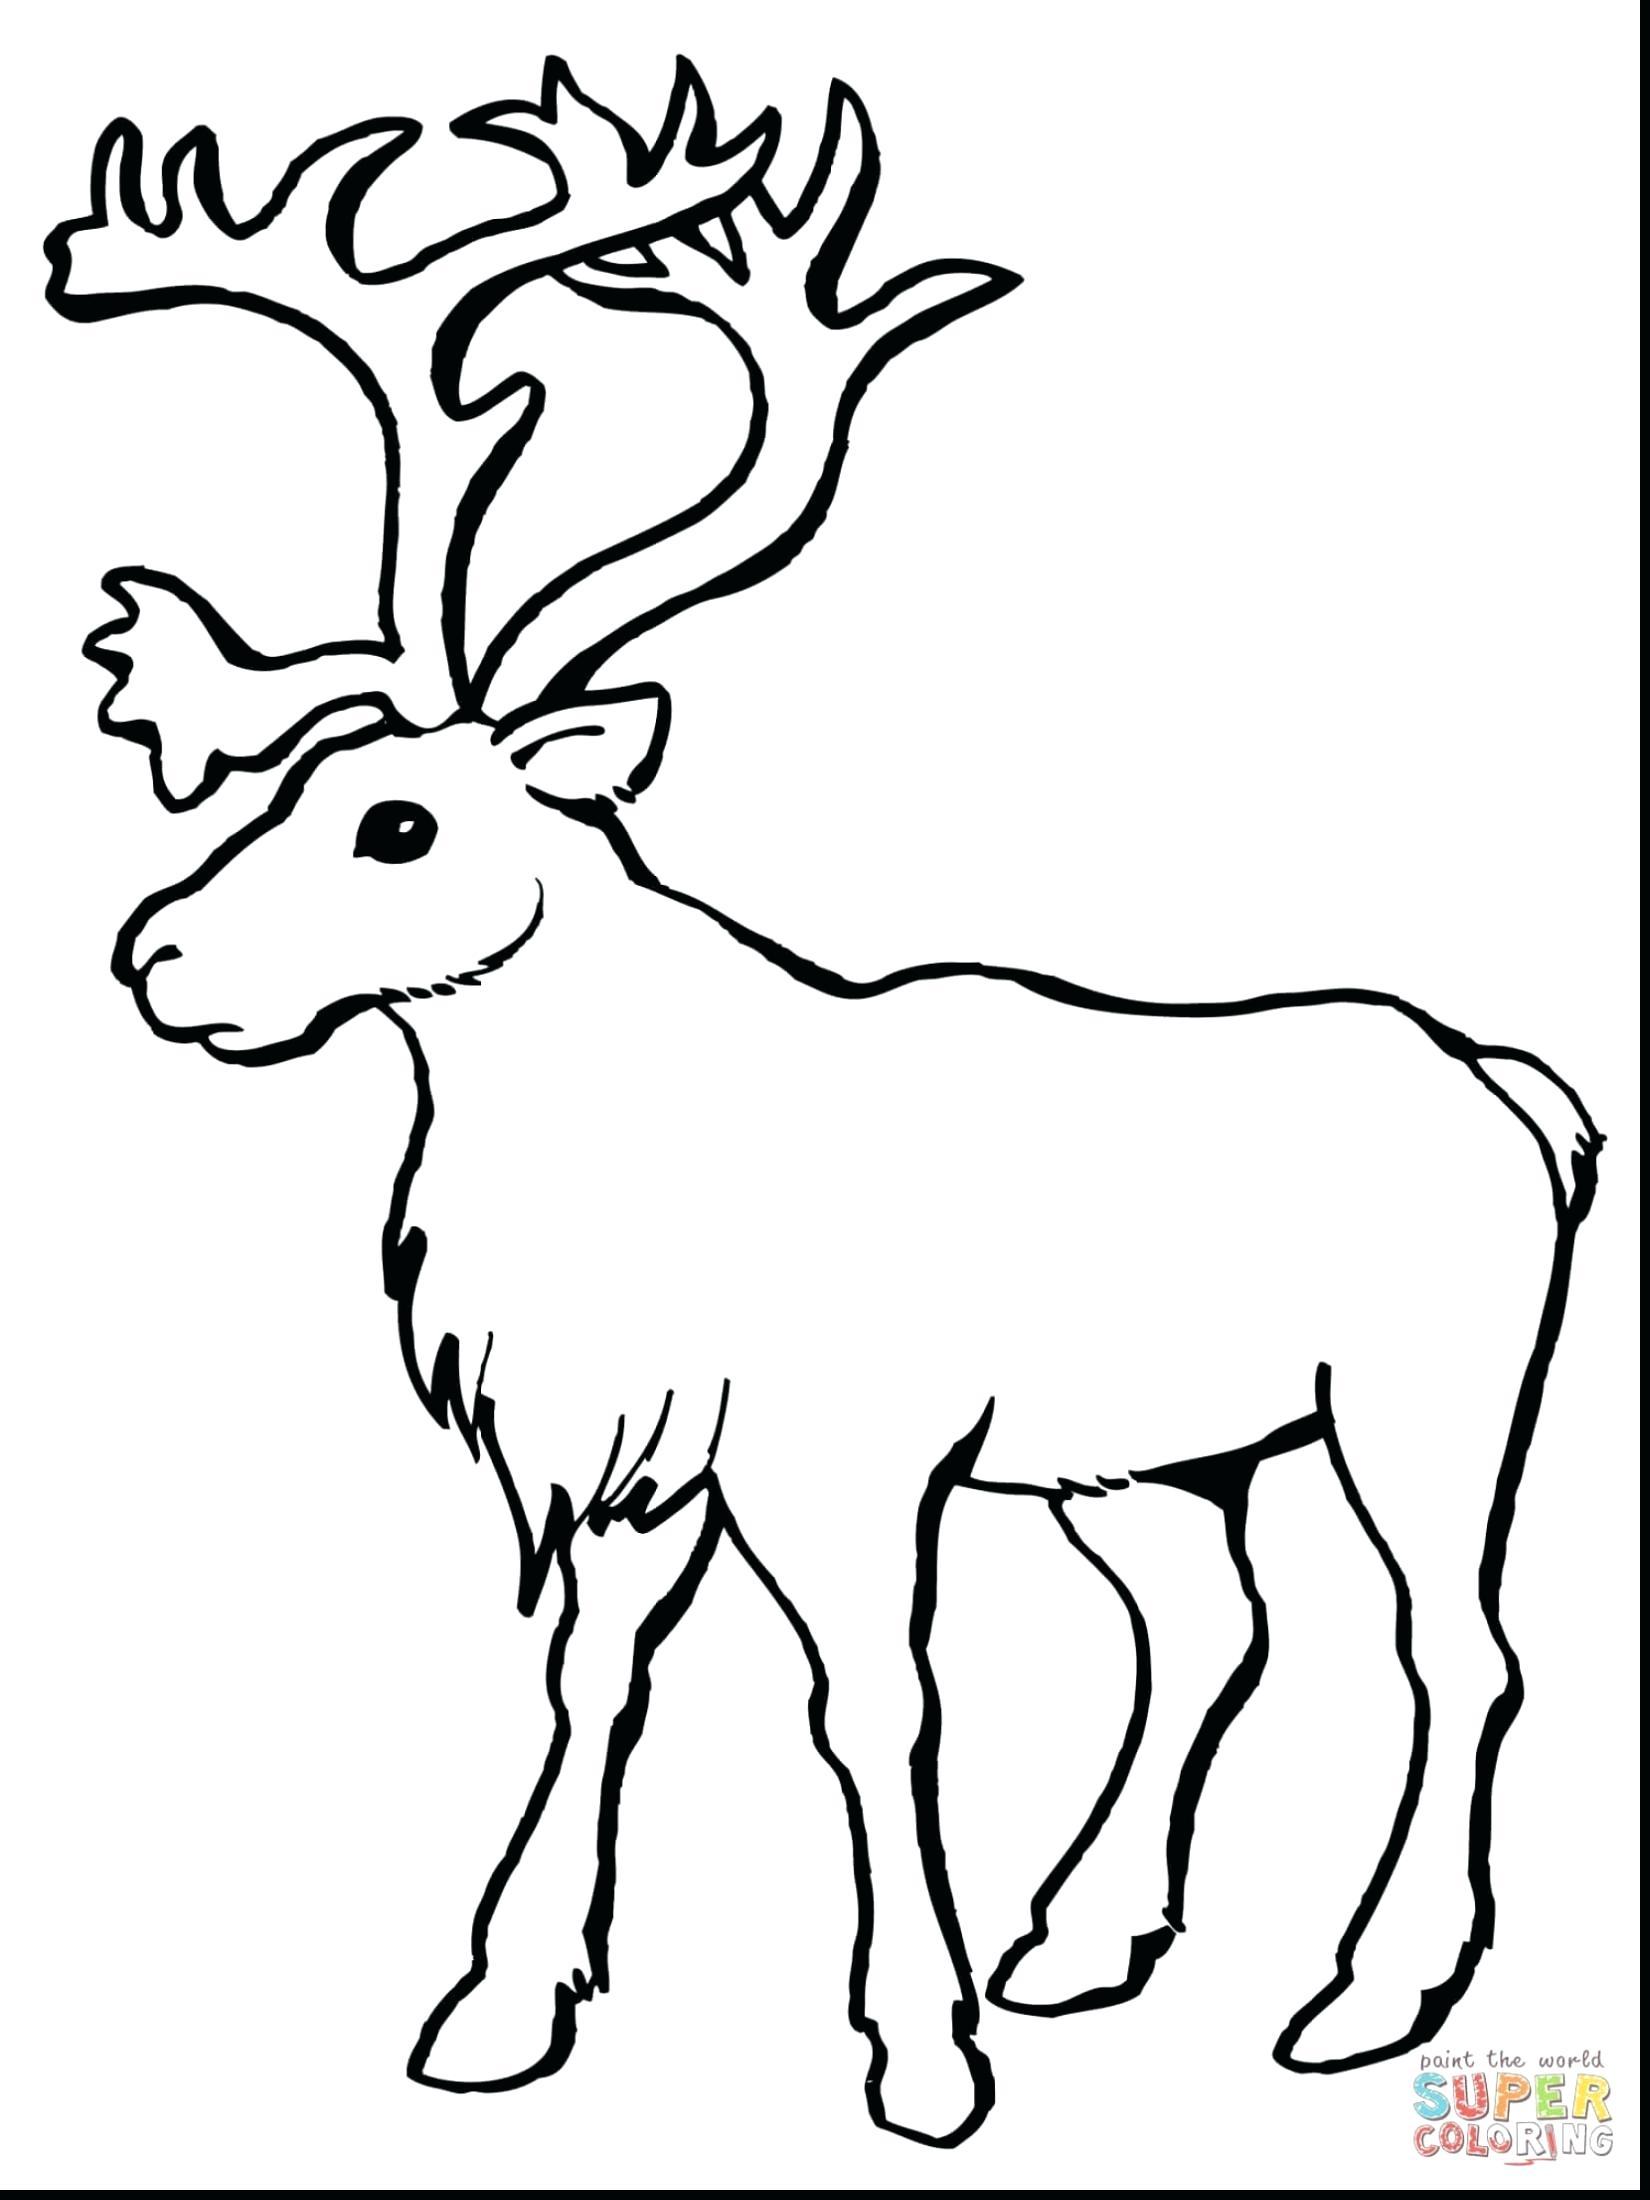 Santa Sled Drawing at GetDrawings.com | Free for personal use Santa ...